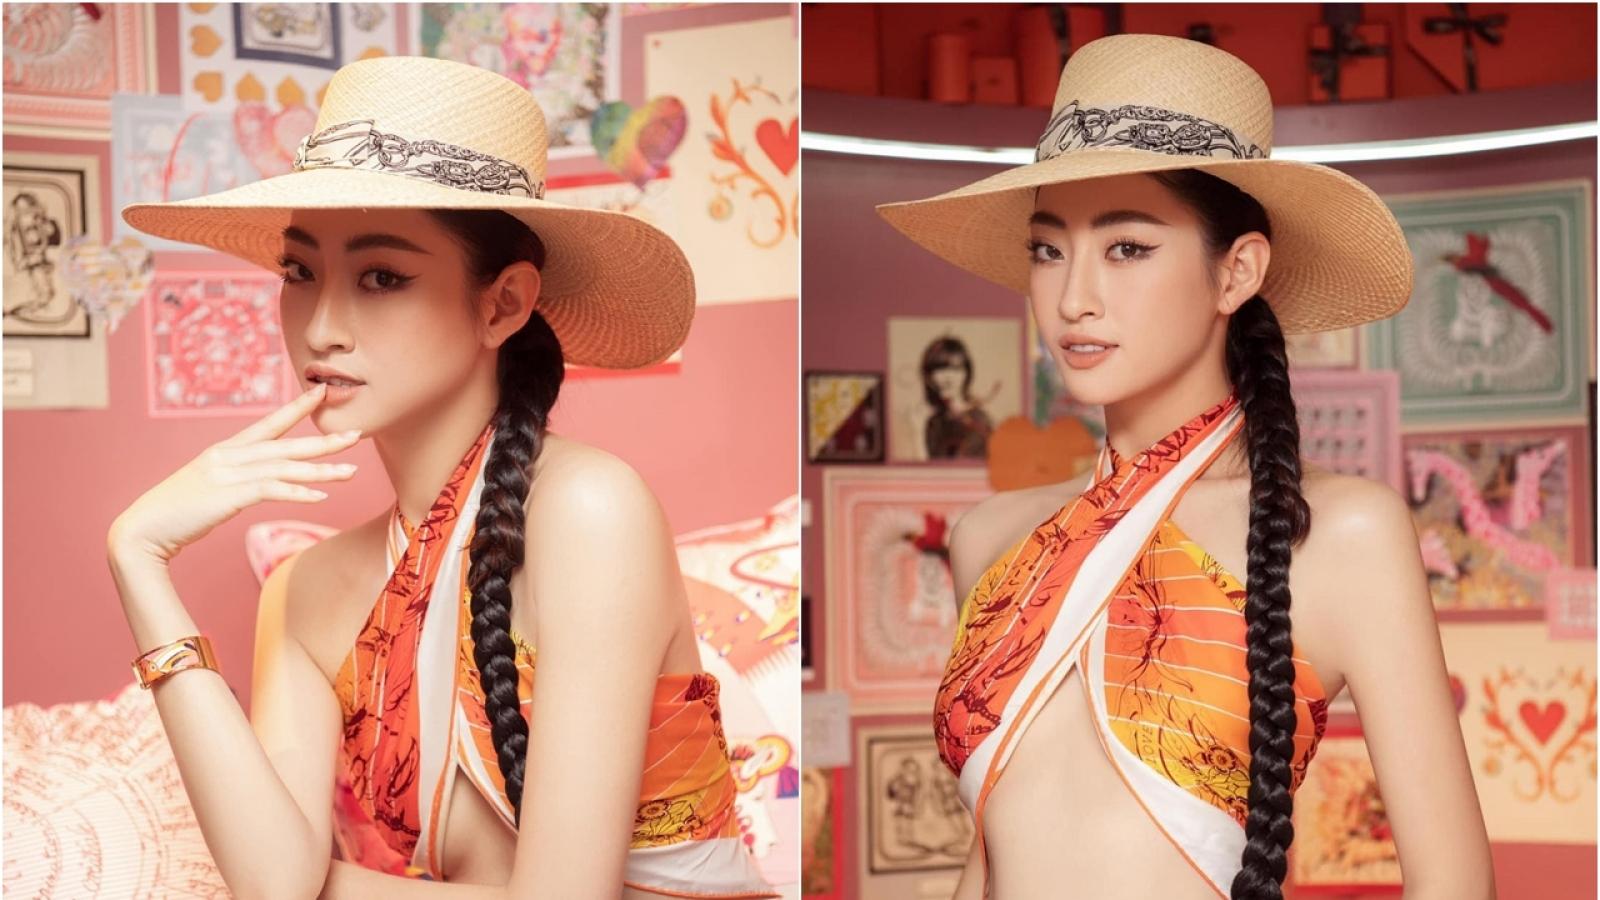 Chuyện showbiz: Hoa hậu Lương Thuỳ Linh khoe vòng eo quyến rũ, nóng bỏng